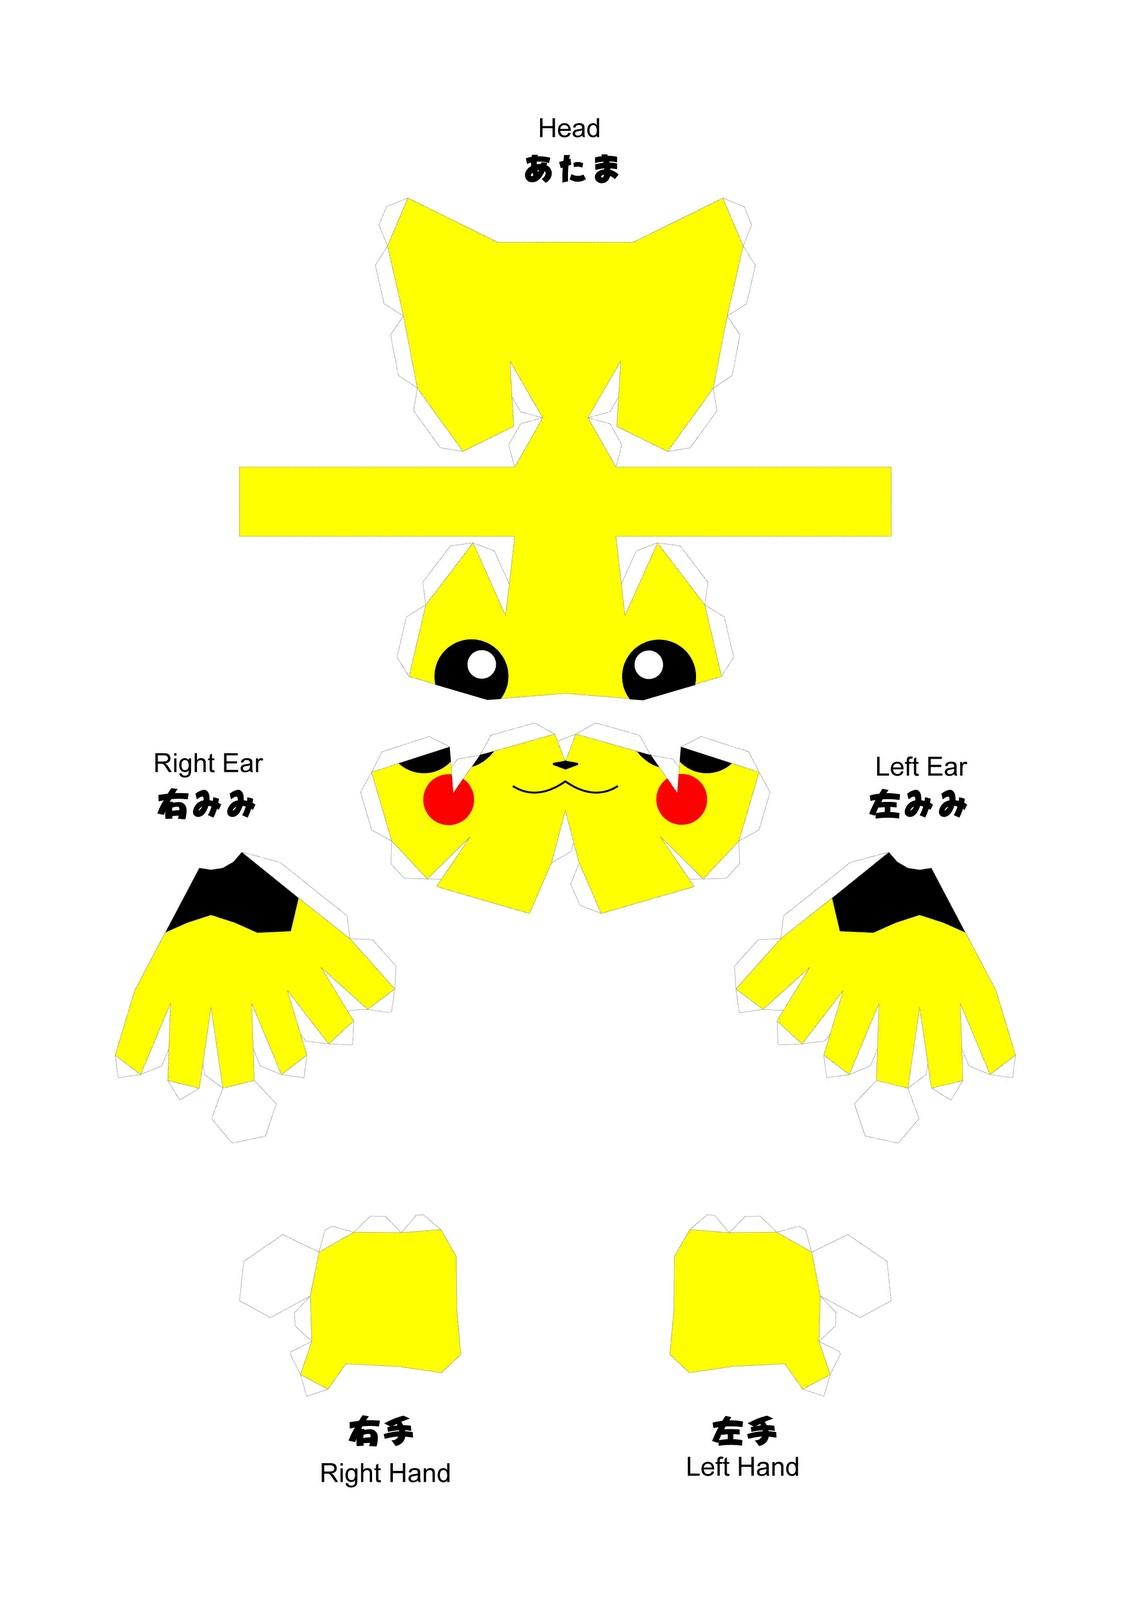 Papercraft Pokemon Pikachu Pikachu D Awesome Little Pikachu Paper Craft Papercrafts Awesome